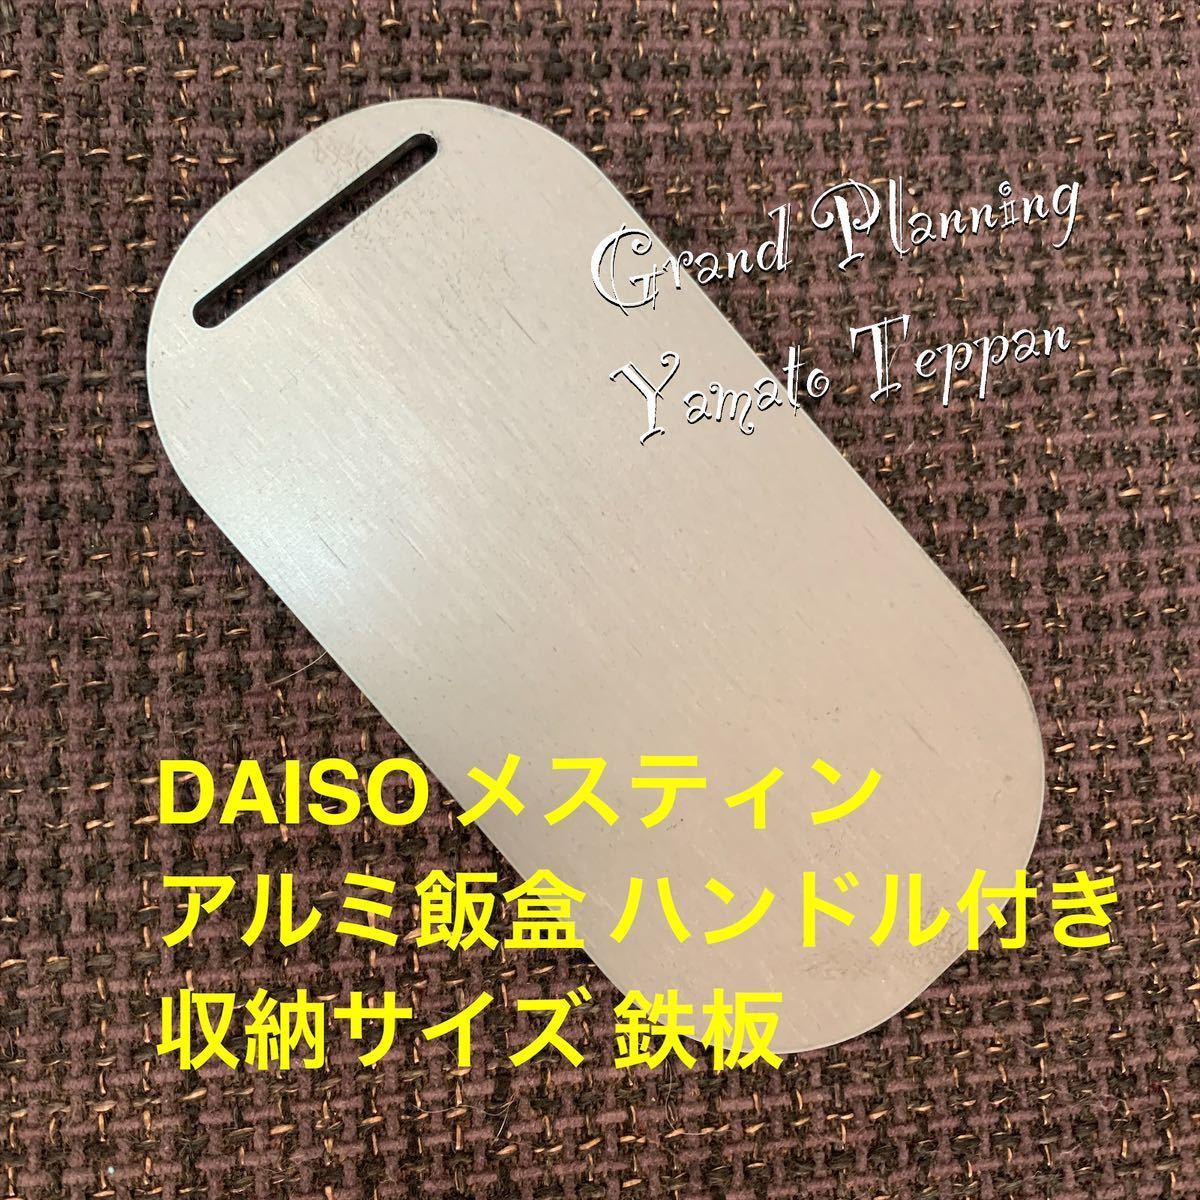 ダイソー メスティン ゴトク 収納 4.5ミリ 鉄板 トング ヘラ 小皿 まな板 ニット収納袋 猫グレー スターターセット 大和鉄板